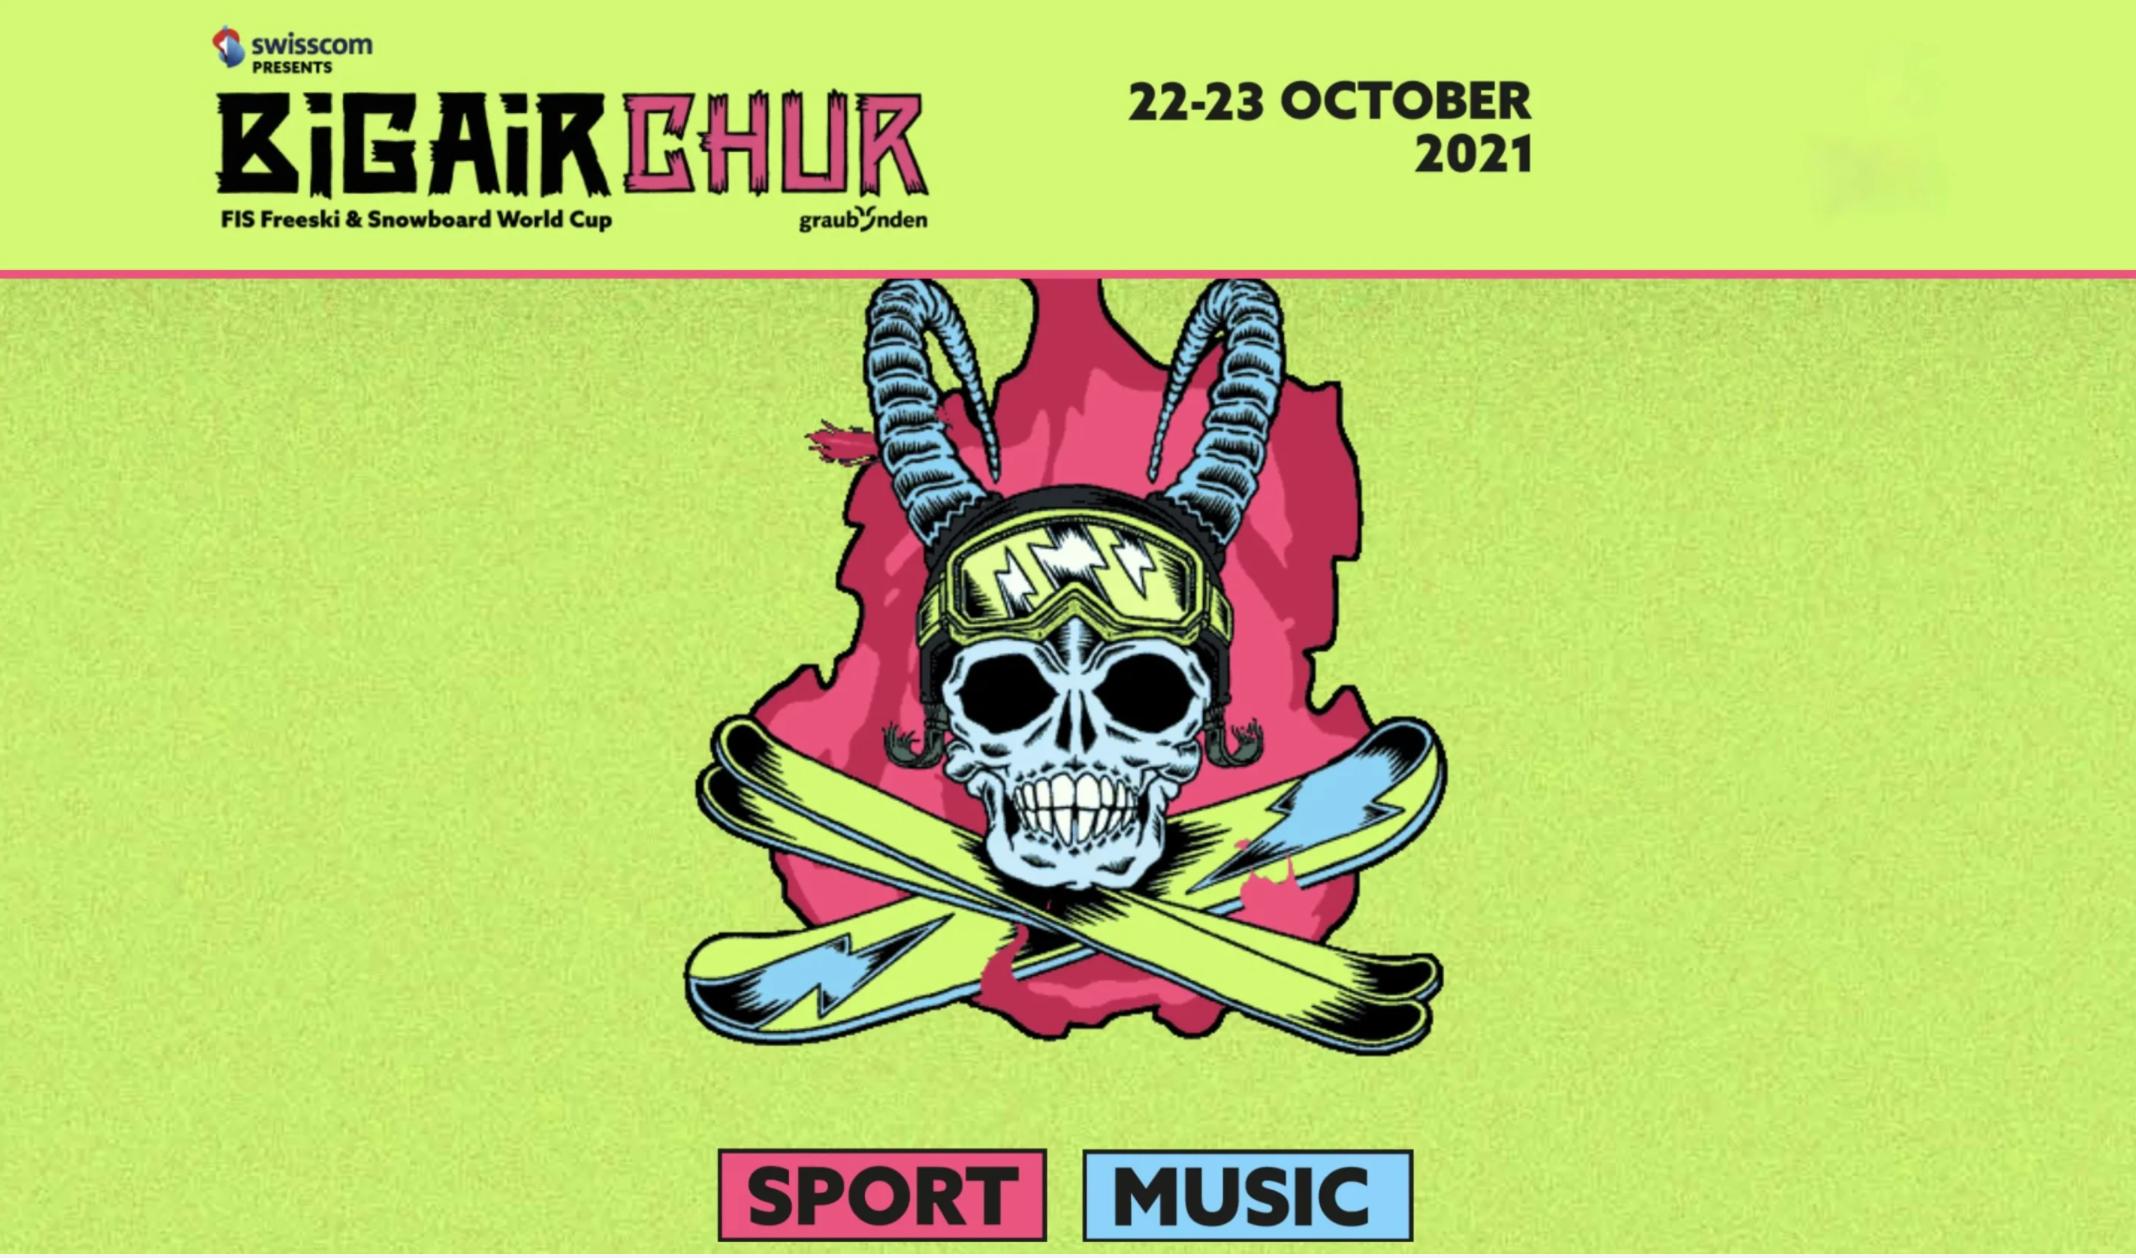 Følg verdenscupen i Chur her!